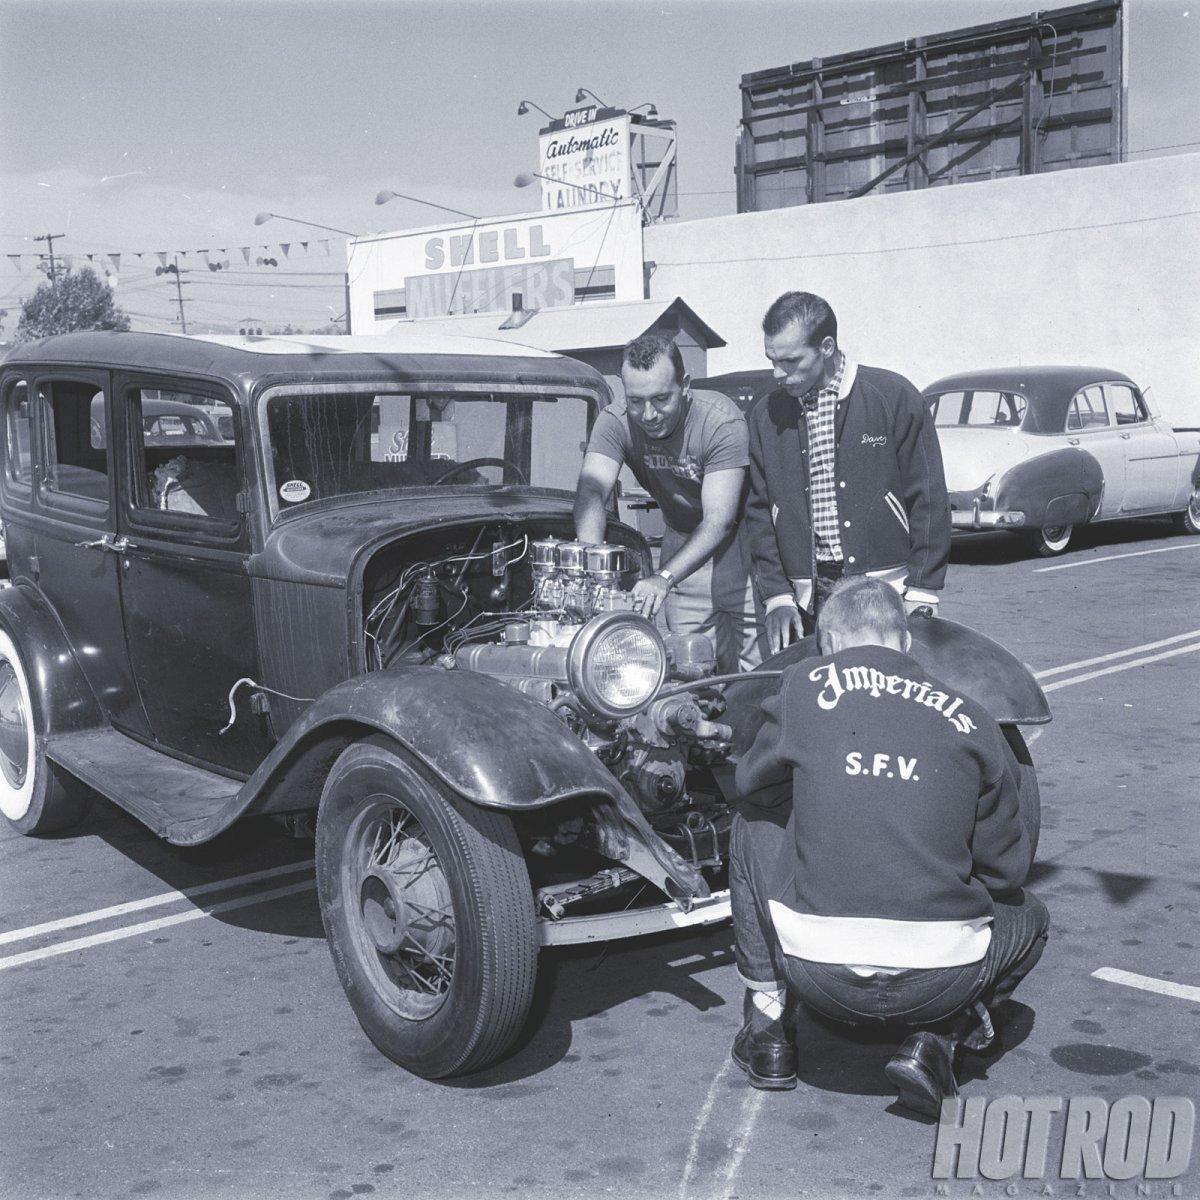 1957 hot rod boys Imperials CC SFV MAYBE Y.jpg